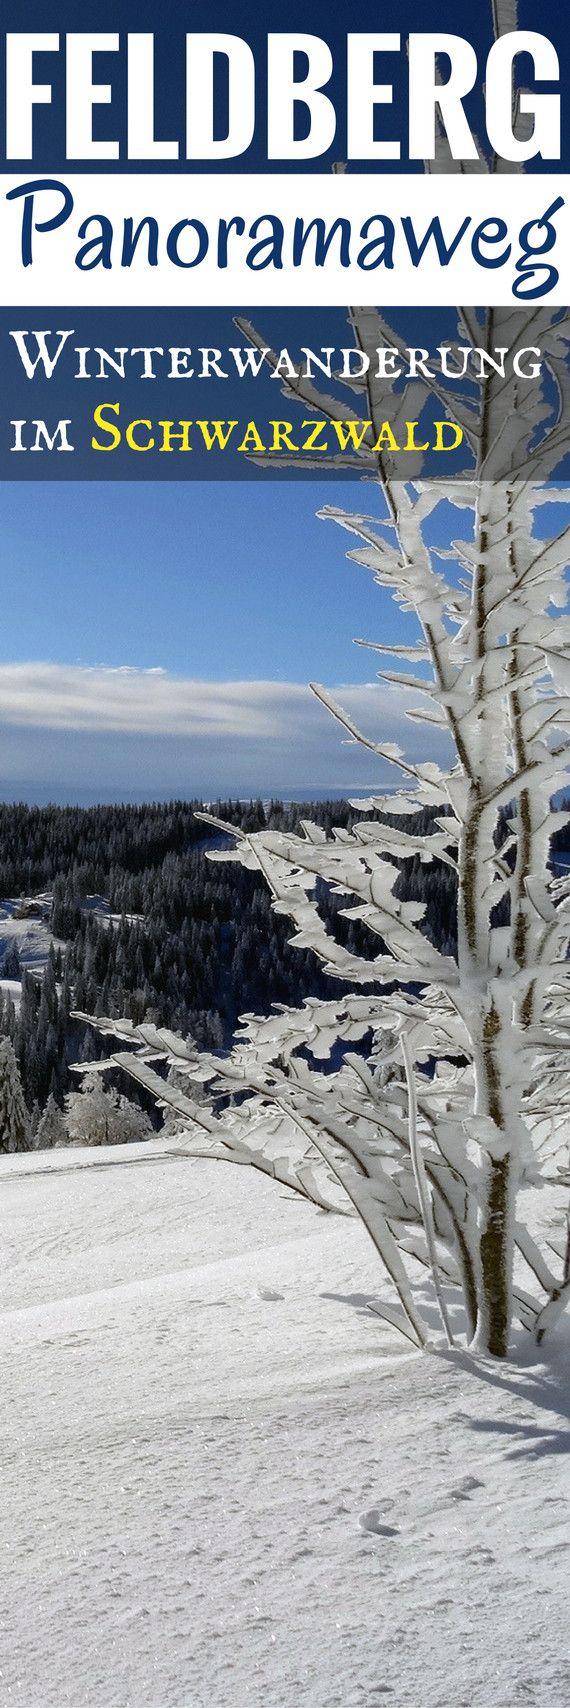 Der Feldberg-Panoramaweg – Winterwanderung im Schwarzwald